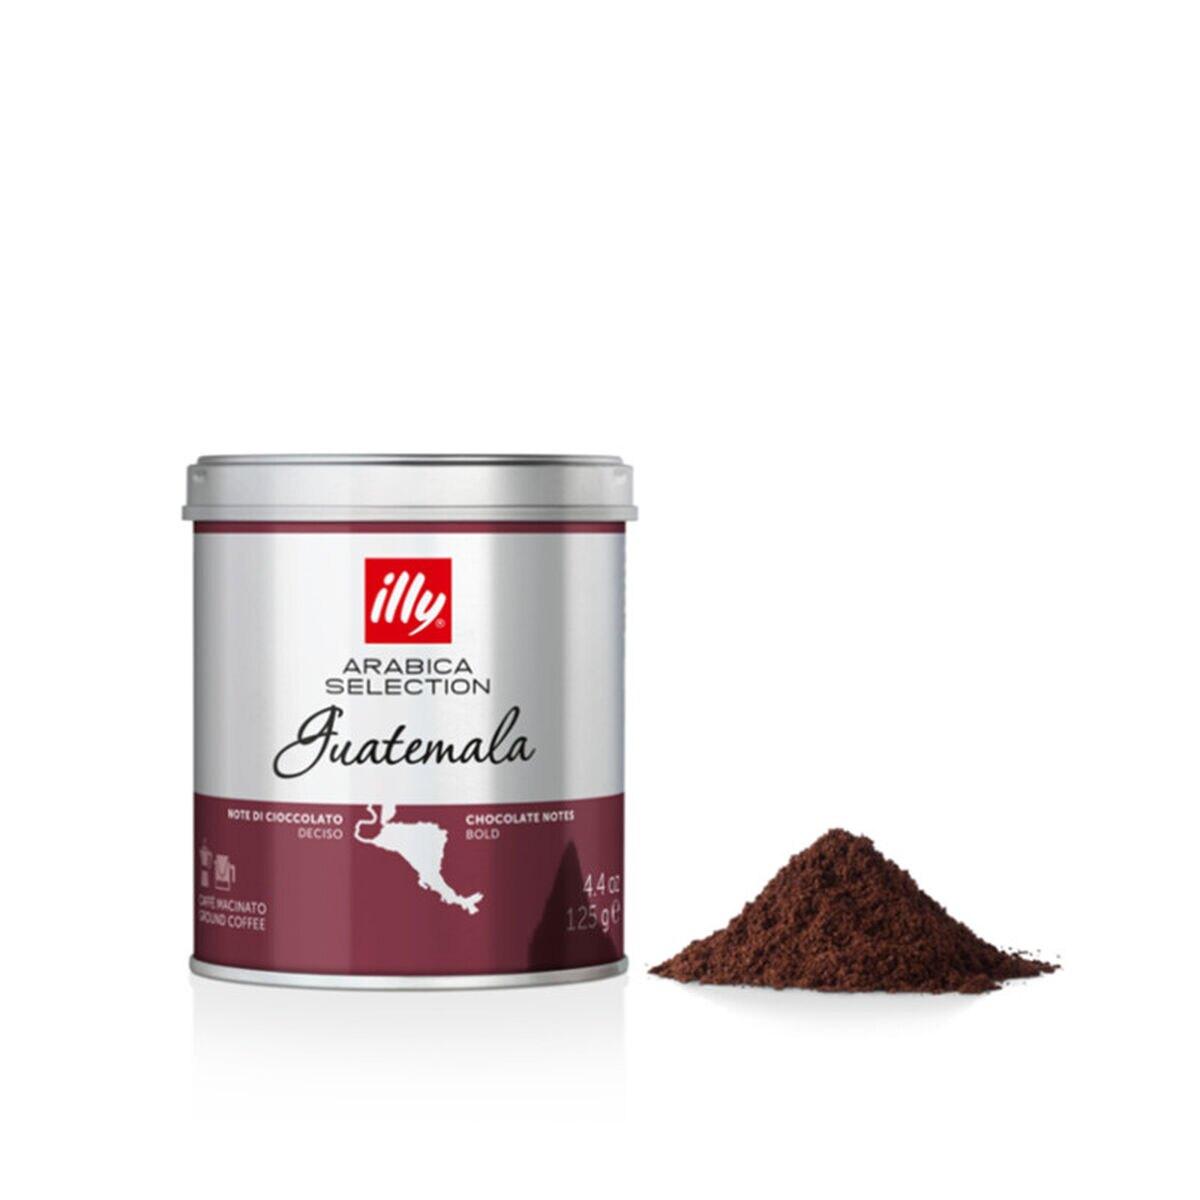 Café Illy Moído Arábica Selection Guatemala 125g  (3 und)